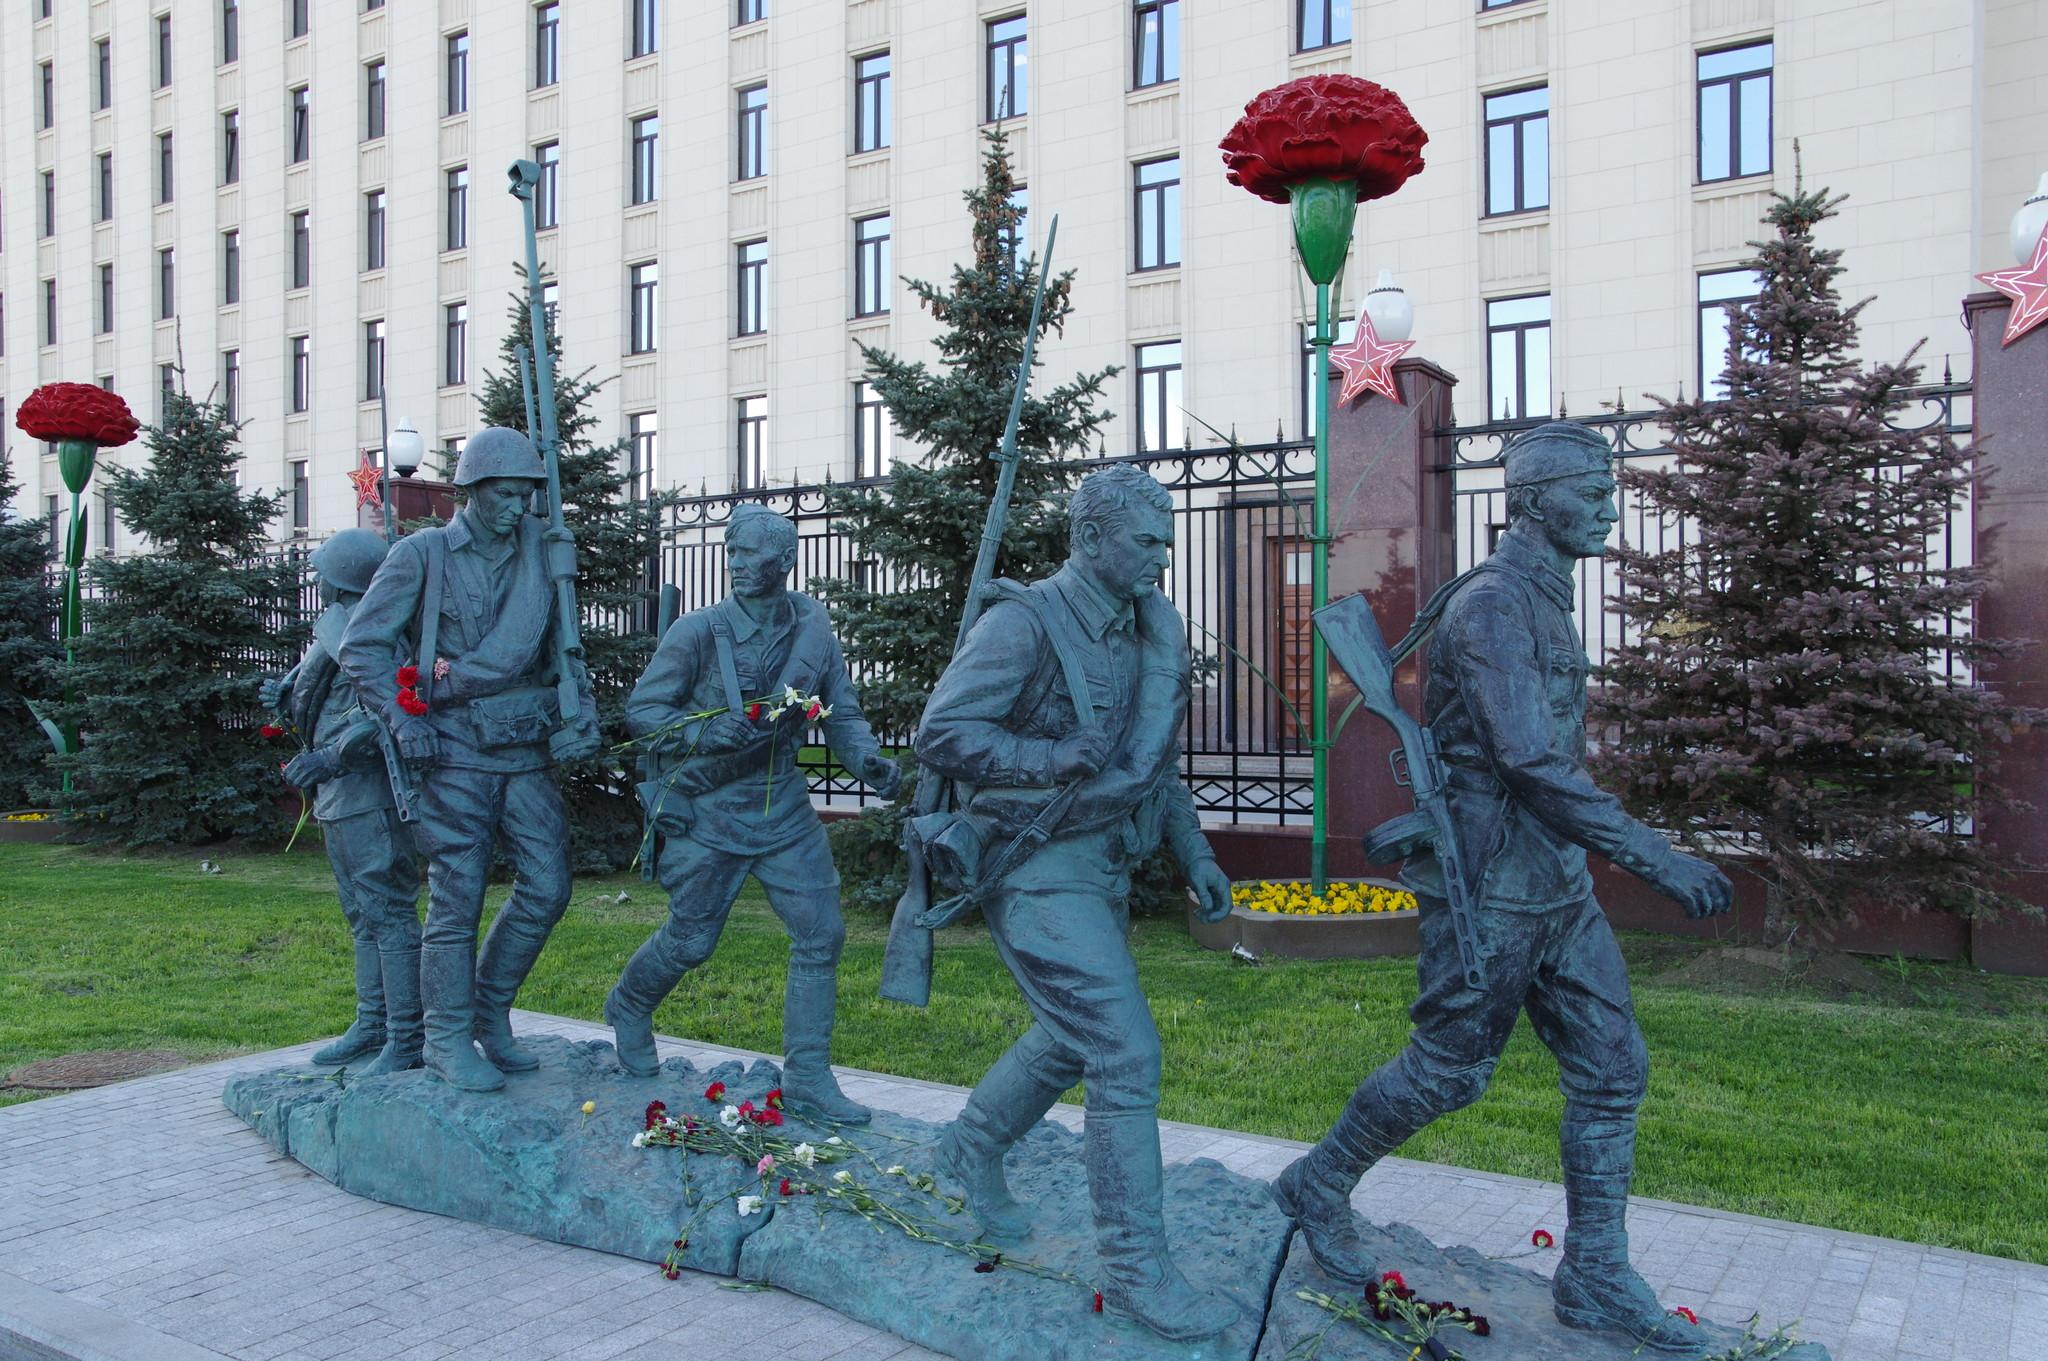 Памятник героям фильма «Они сражались за Родину» на Фрунзенской набережной